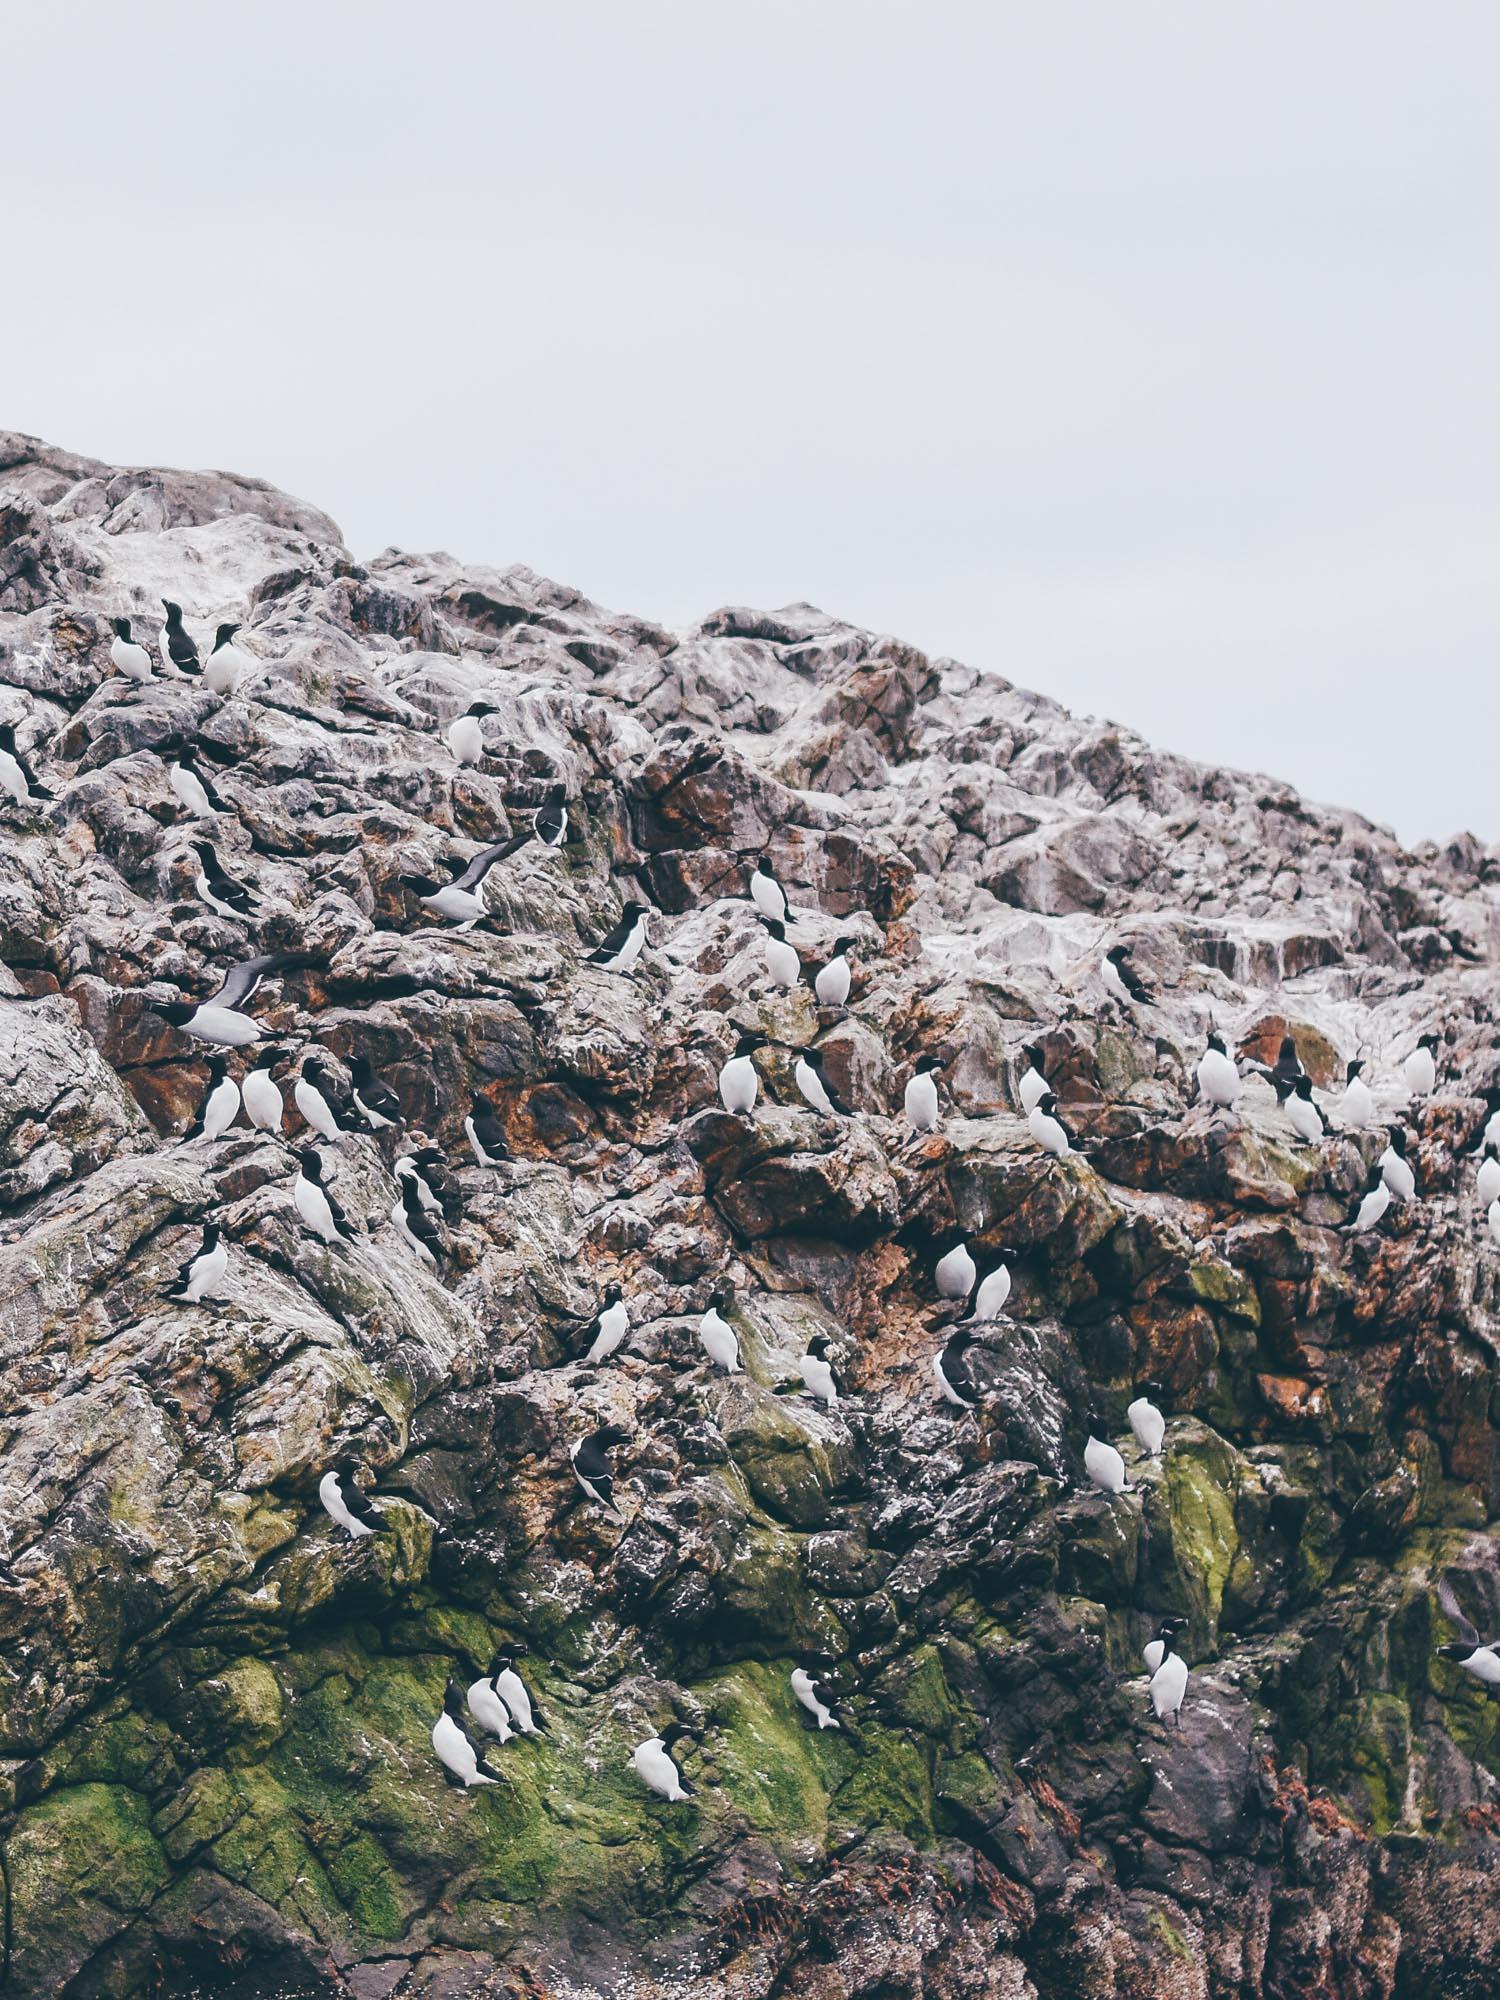 Leaf • Randonner dans les fjords de Norvège du nord, rencontrer les Sami et observer les oiseaux de mer.